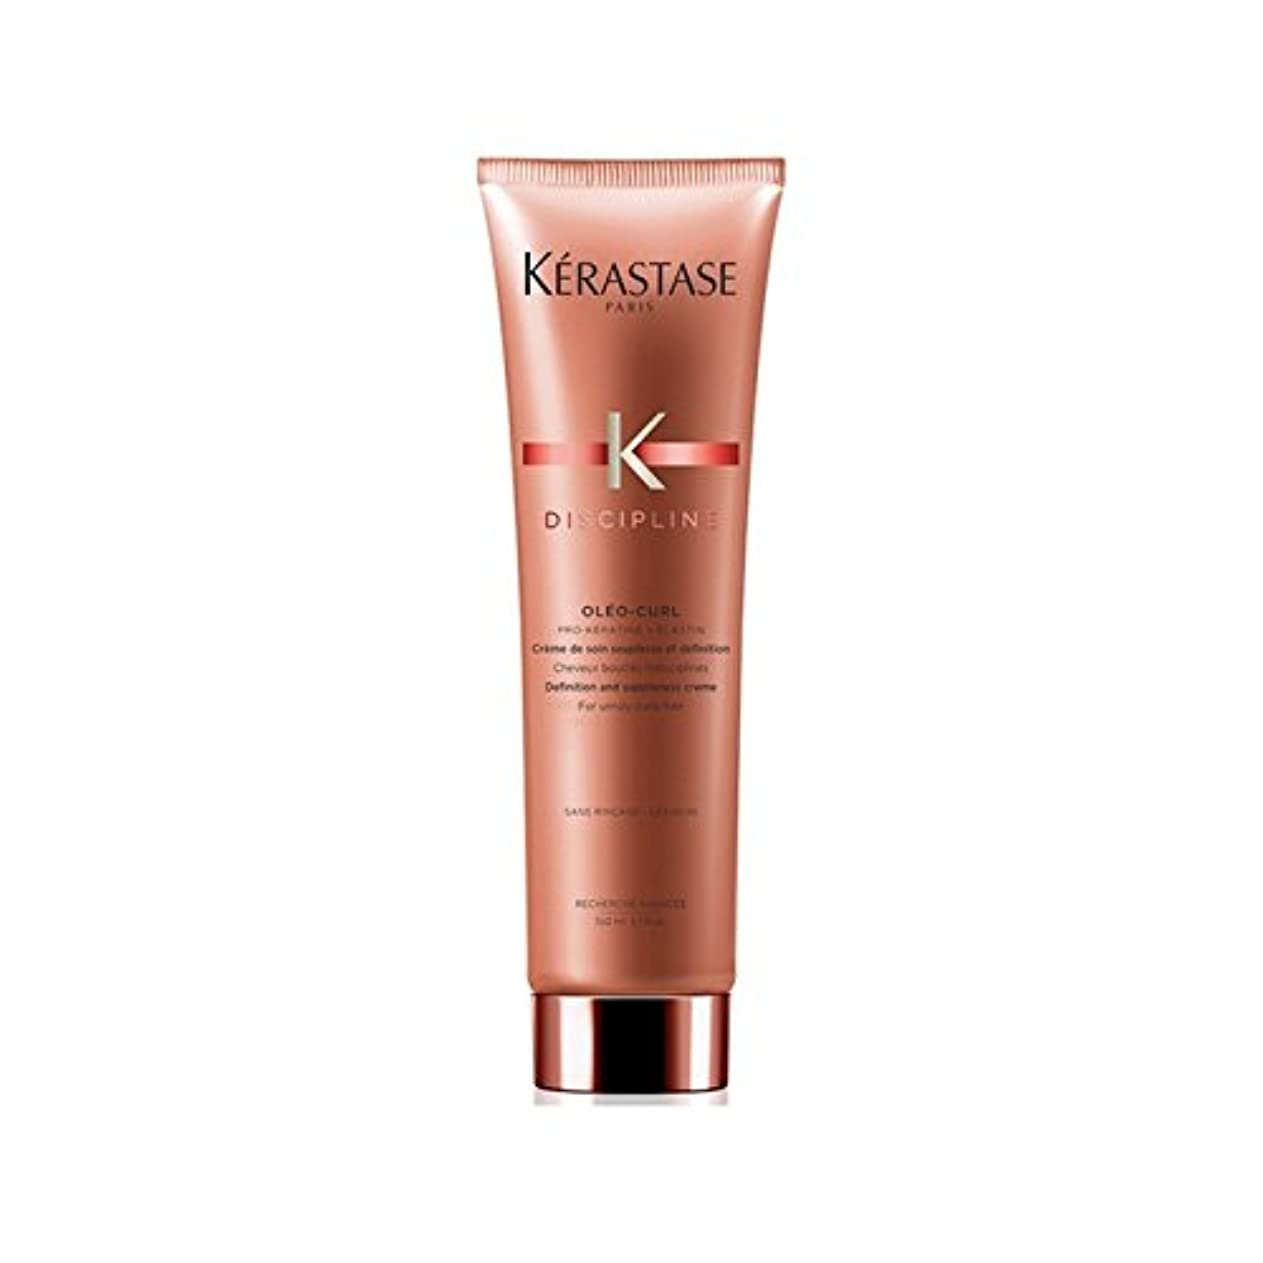 コントラスト拷問幸運なK?rastase Discipline Curl Ideal Cleansing Conditioner 400ml (Pack of 6) - 理想的なクレンジングコンディショナー400ミリリットルカールケラスターゼ...